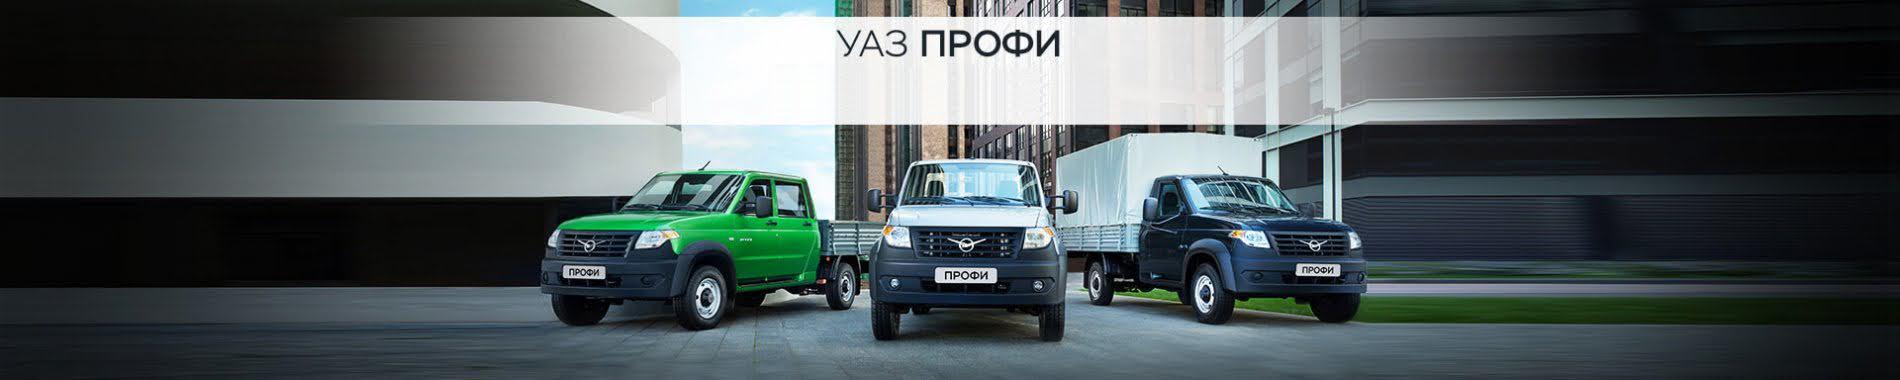 УАЗ Профи от 959 000  ₽